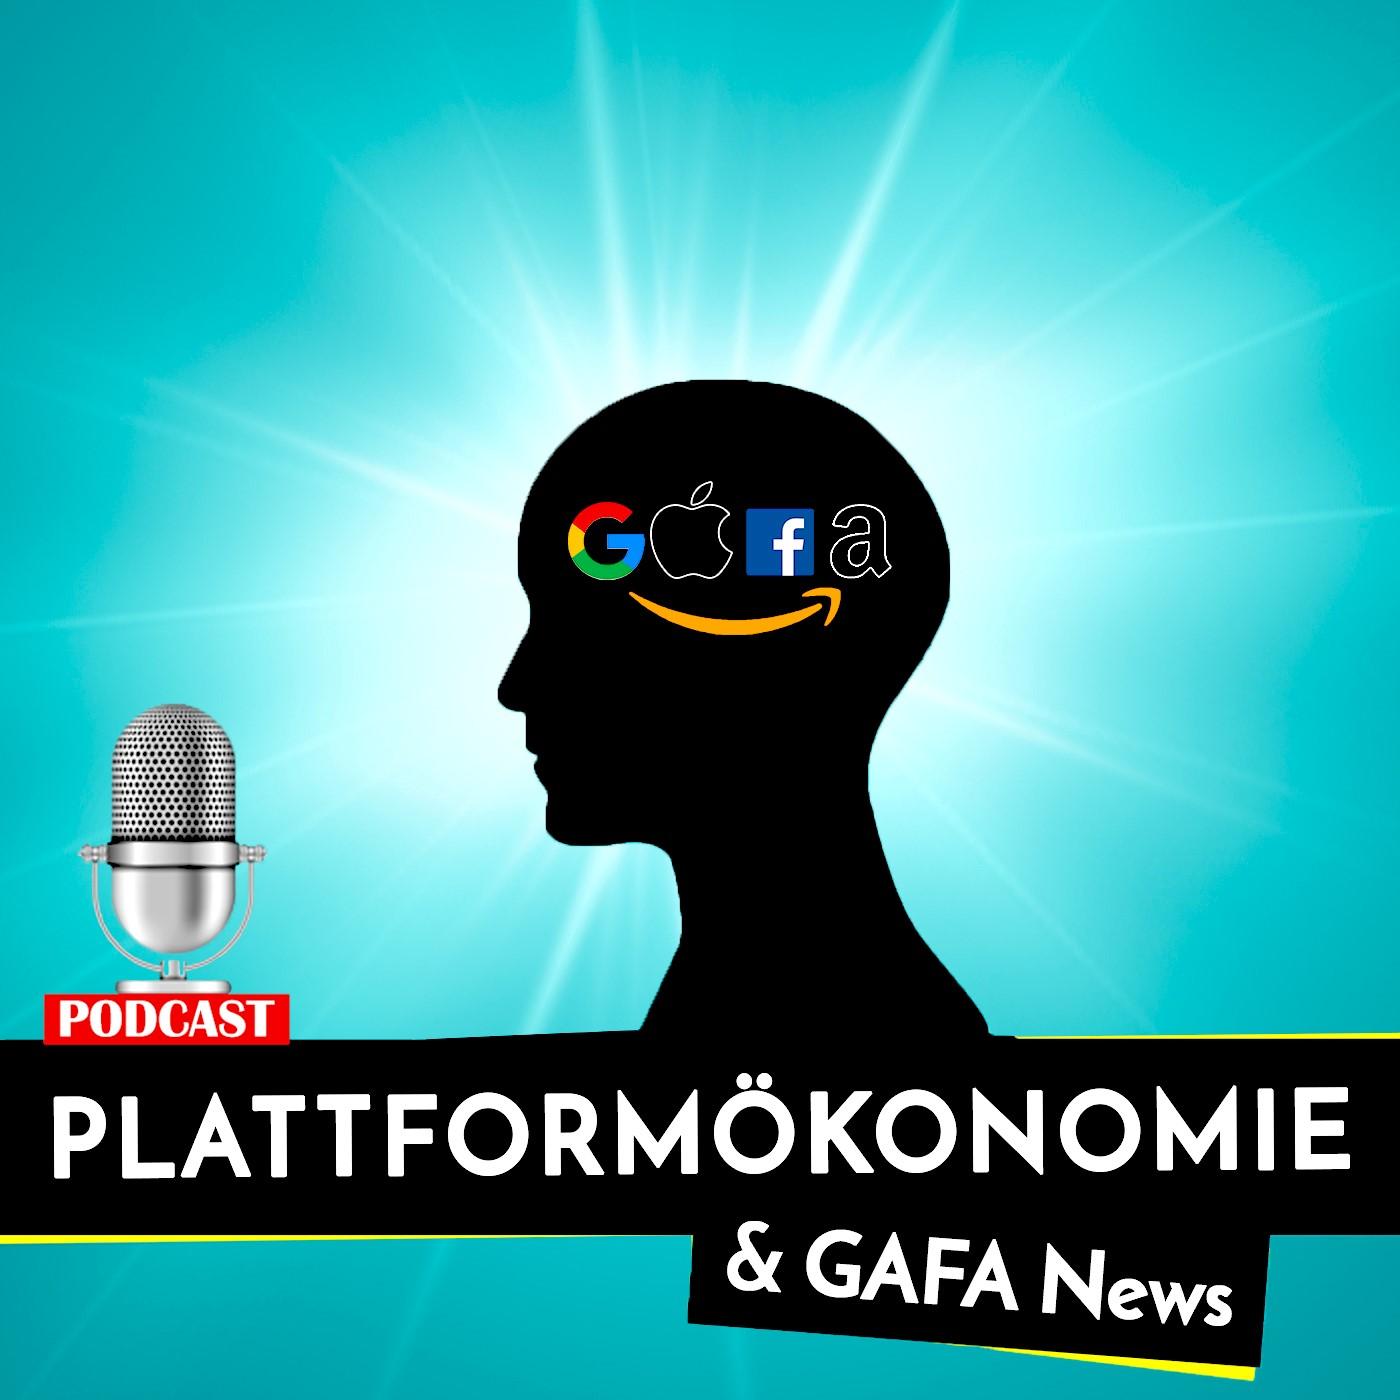 Wirtschafts News   Business Nachrichten aus der Digitalwelt   Zalando Vorstand, Tik Tok, Zooplus, Mymoria, Facebook uvm